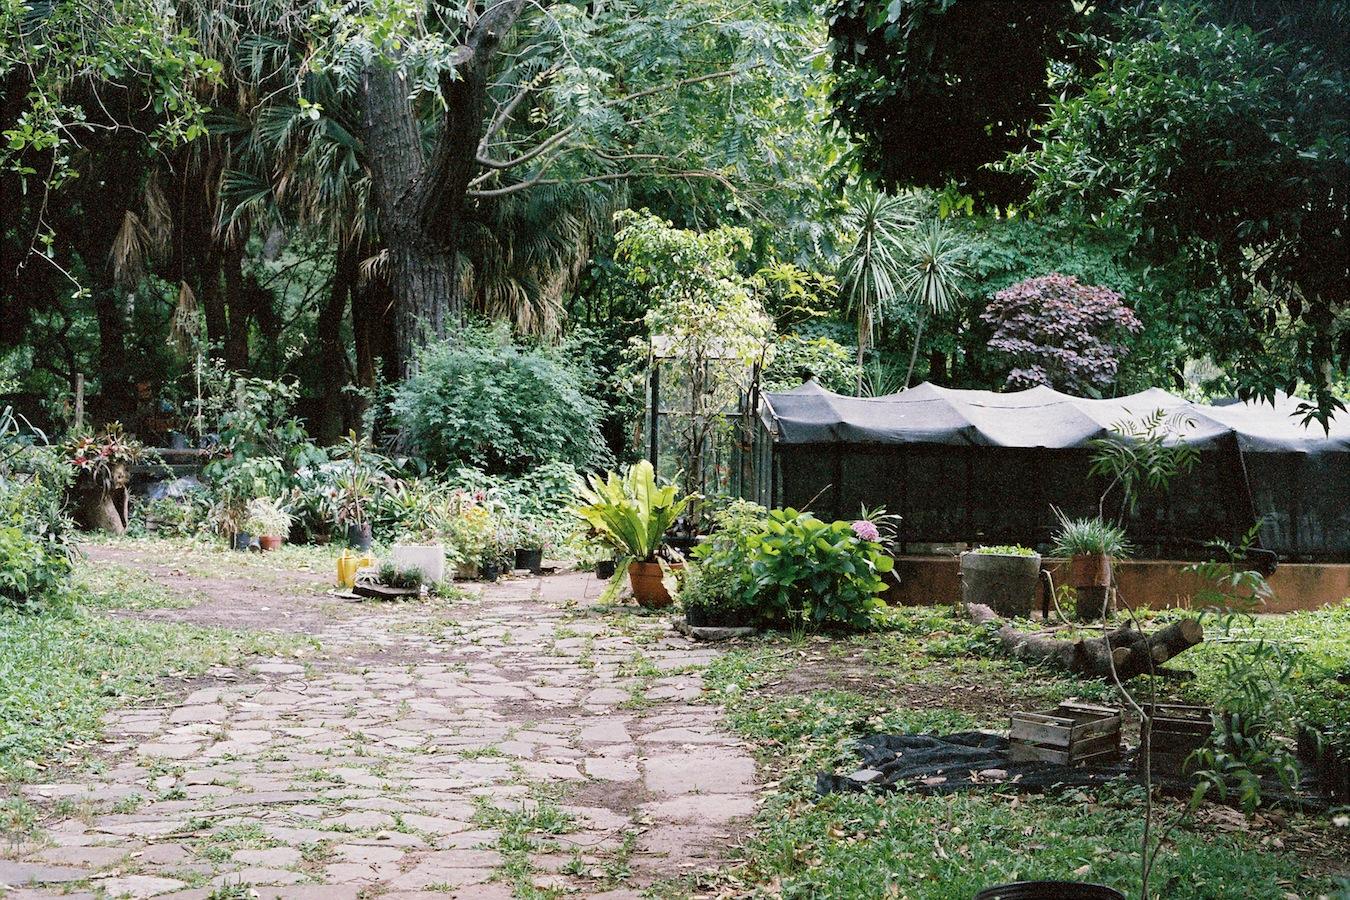 http://lafilladelfotografu.irenavisa.com/files/gimgs/88_f1020032-1.jpg